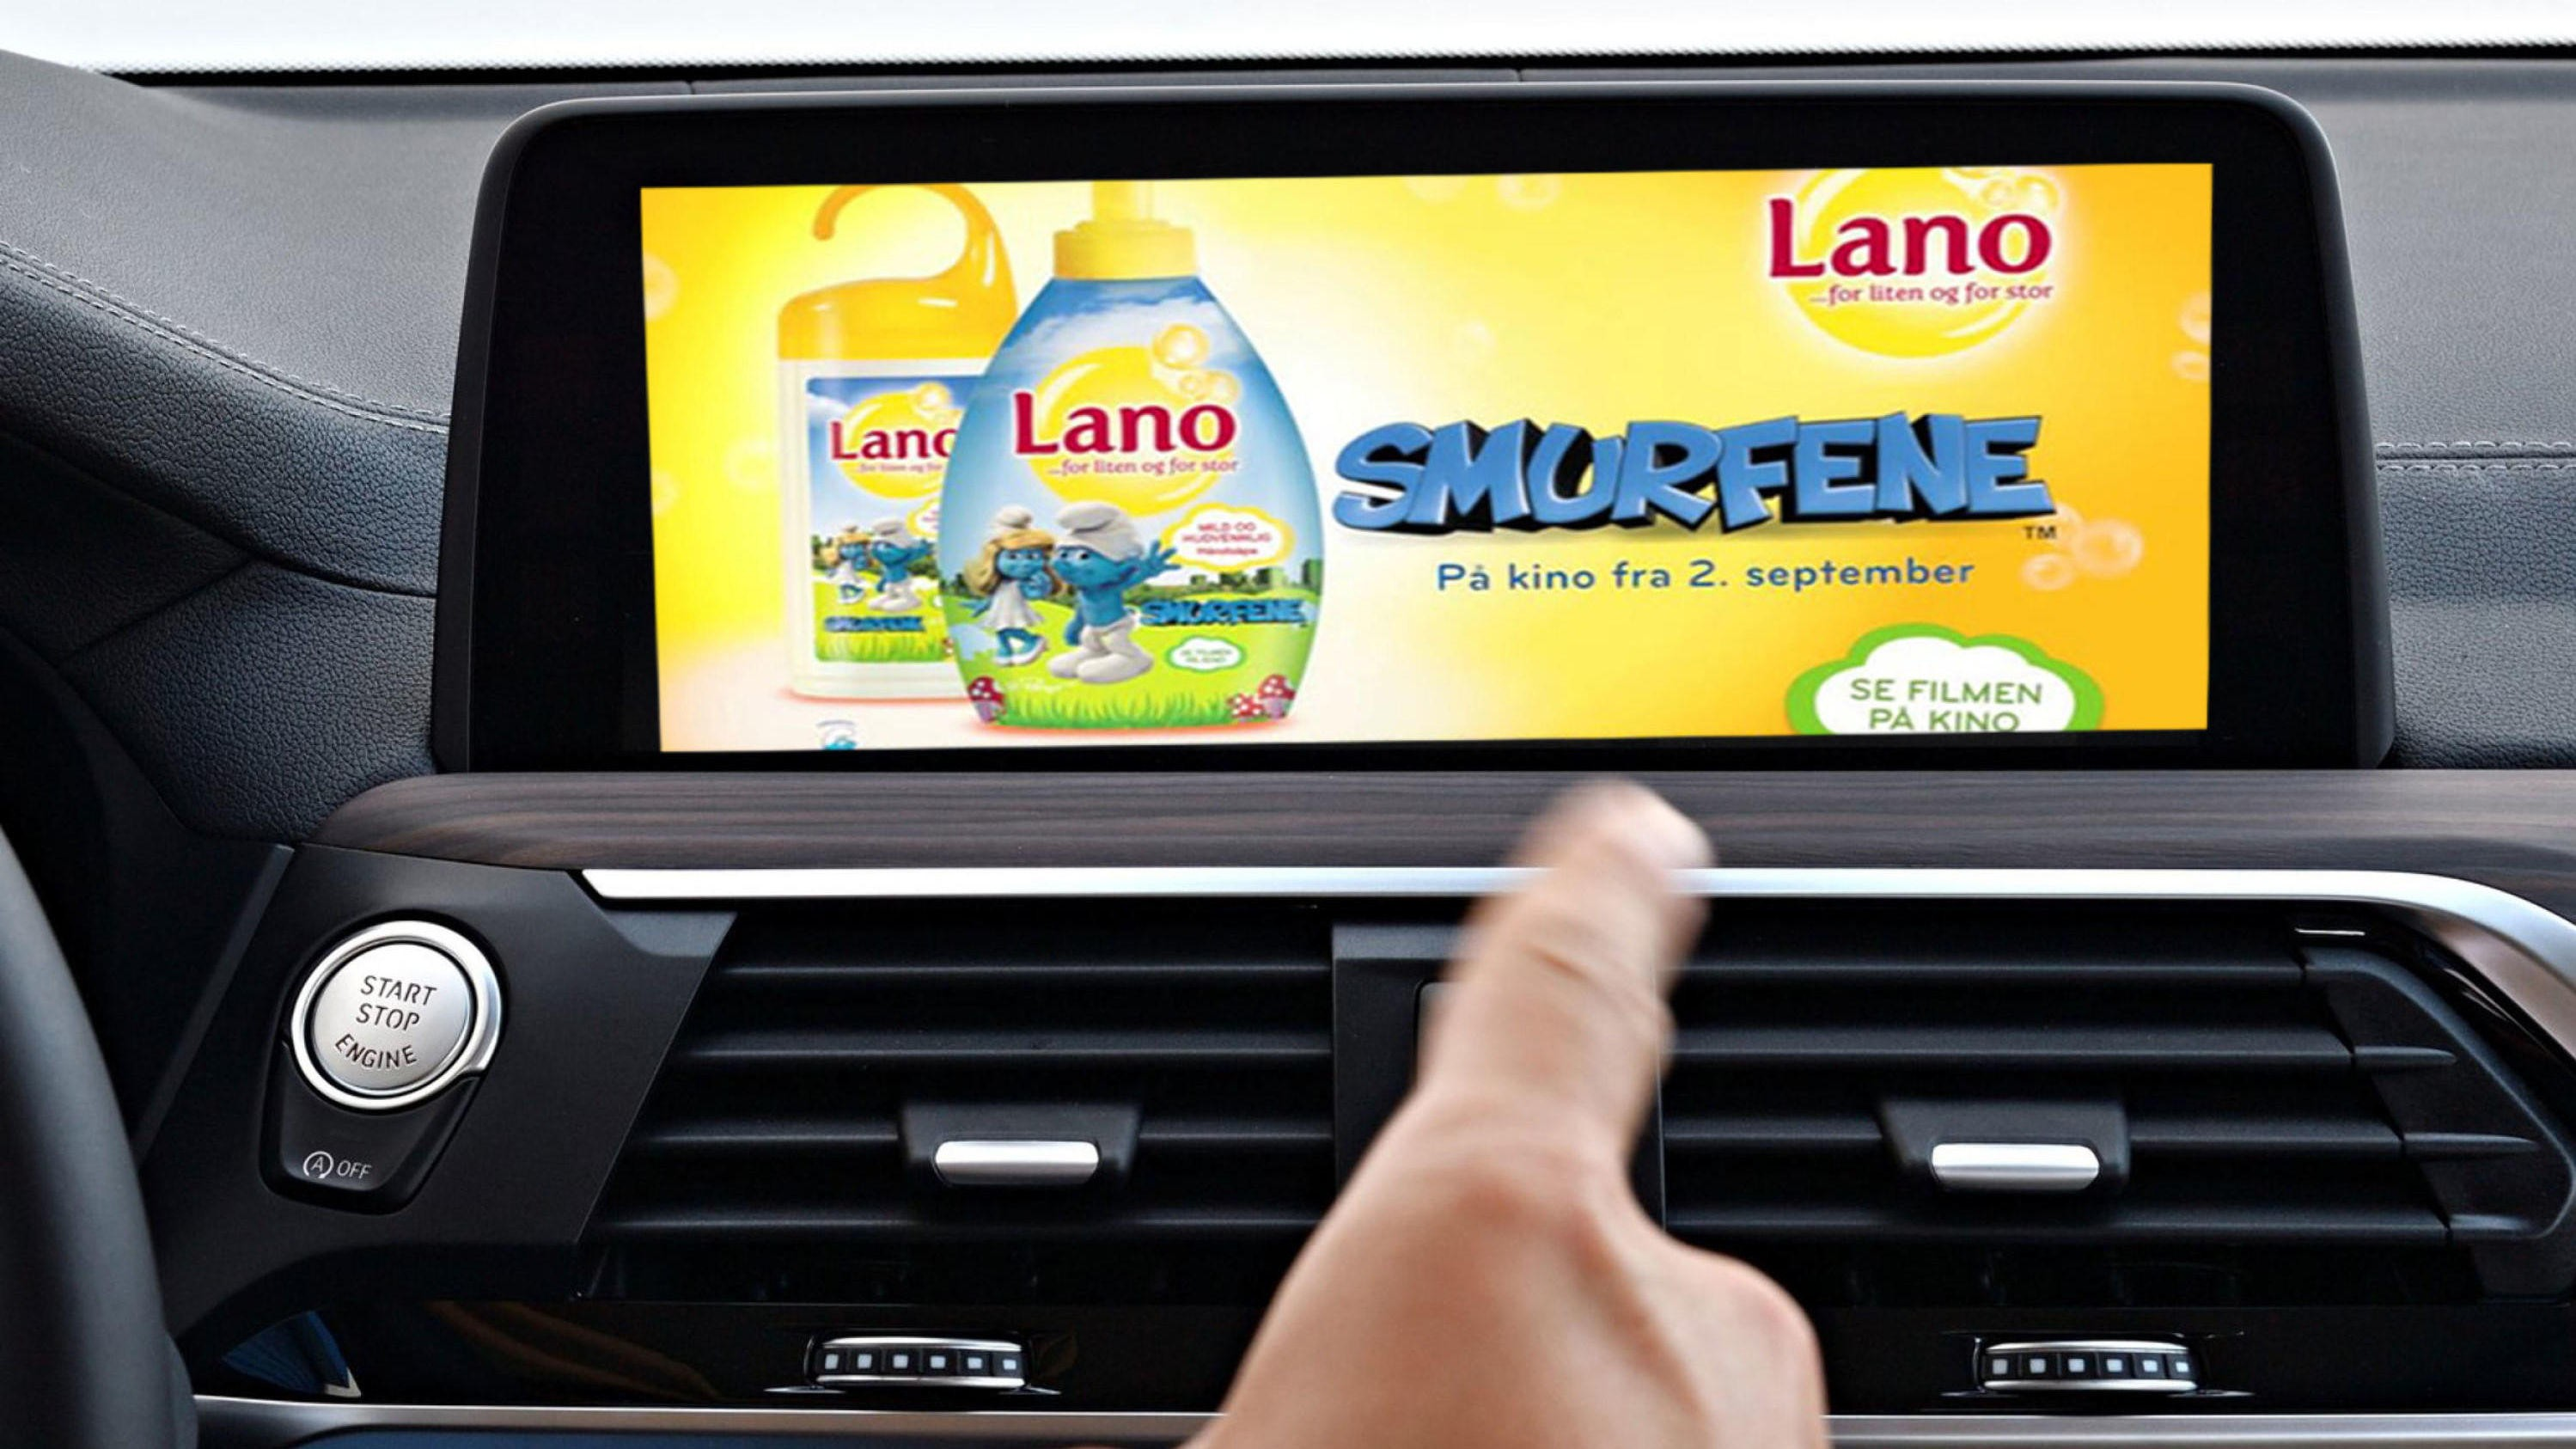 VIL TJENE MER: Flere bilprodusenter vil tjene penger på å vise tilpasset reklame i bilen. BMW testet teknologien allerede for flere år siden. Illustrasjonsfoto.